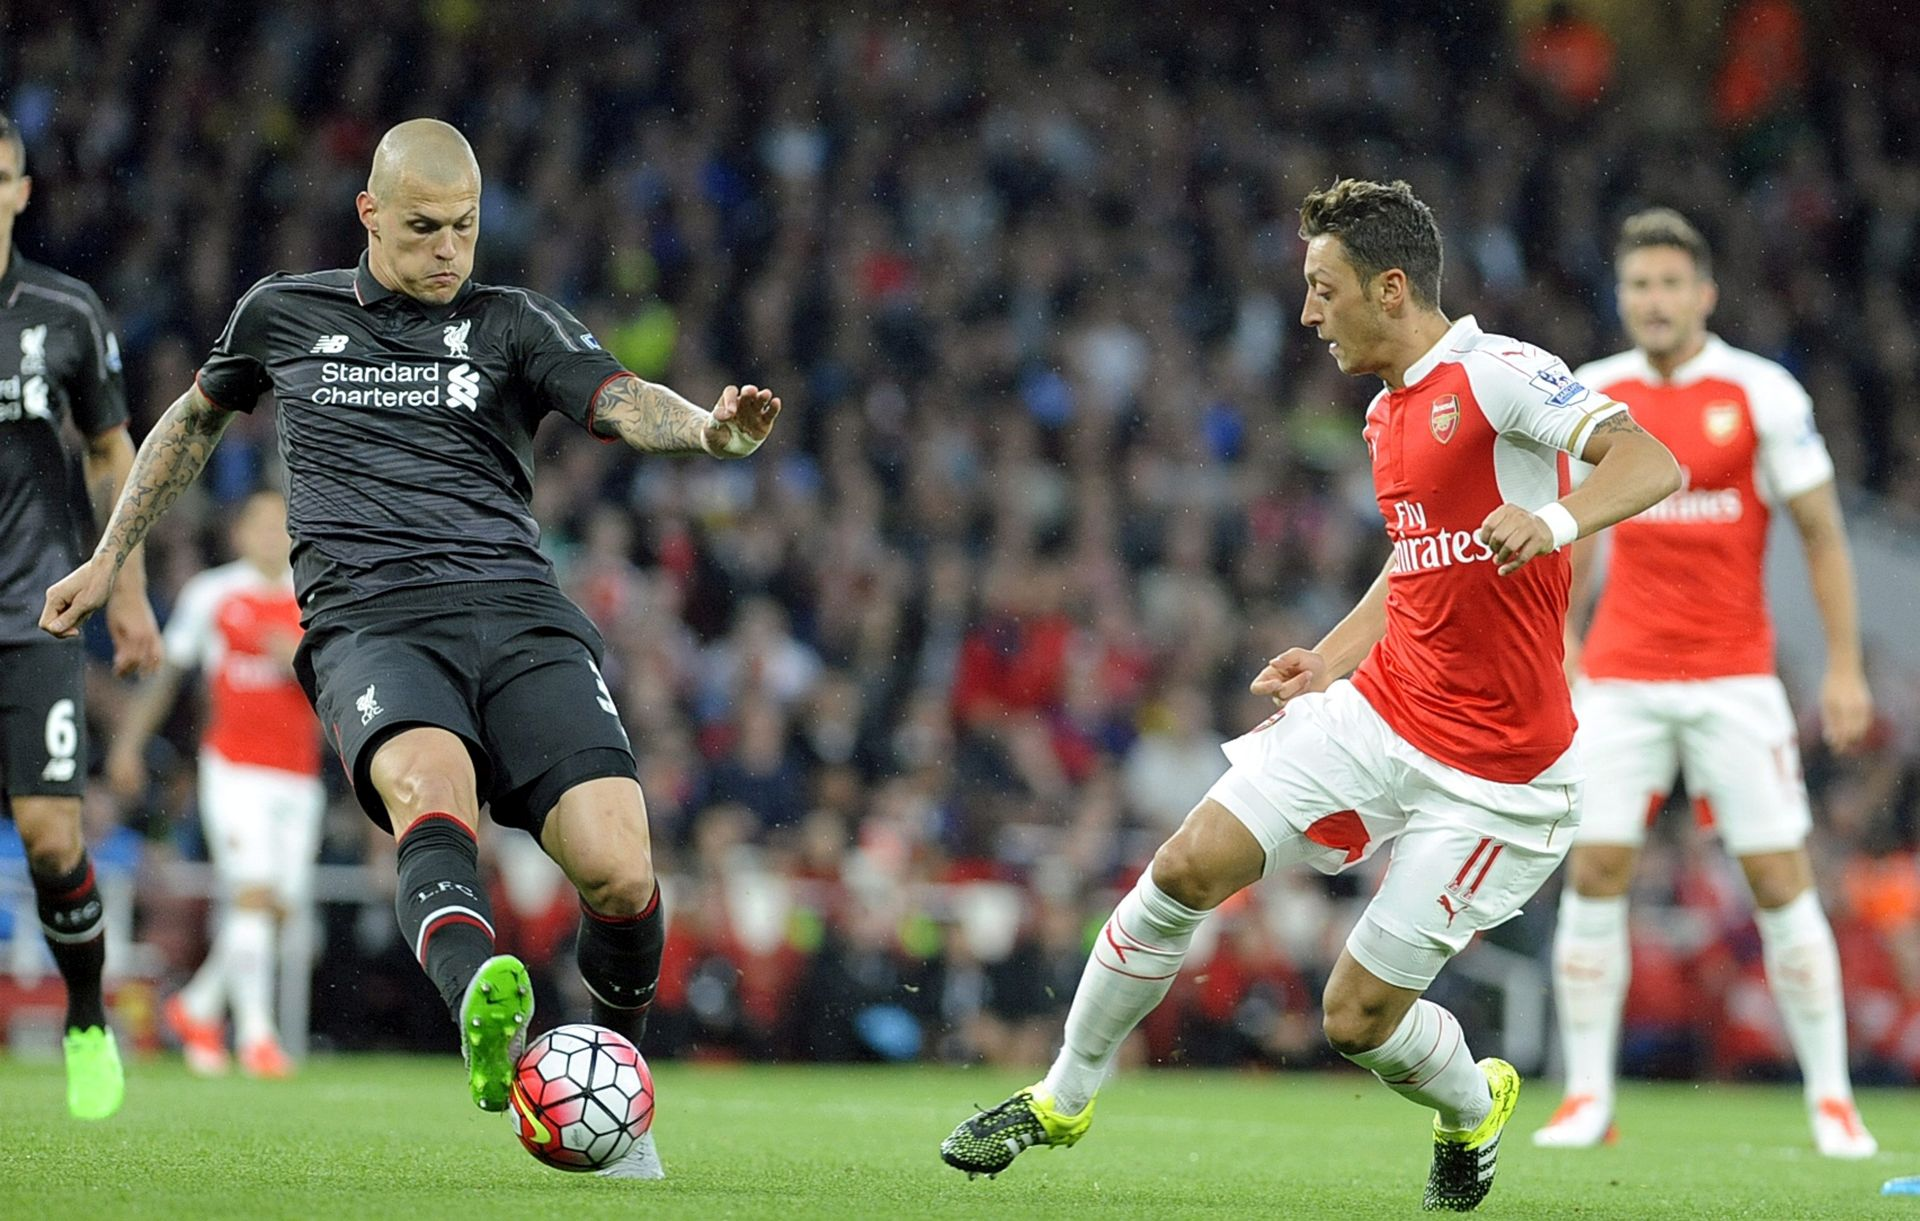 VRATARI FANTASTIČNI Uzbudljiva utakmica na Emiratesu završila bez pogodaka